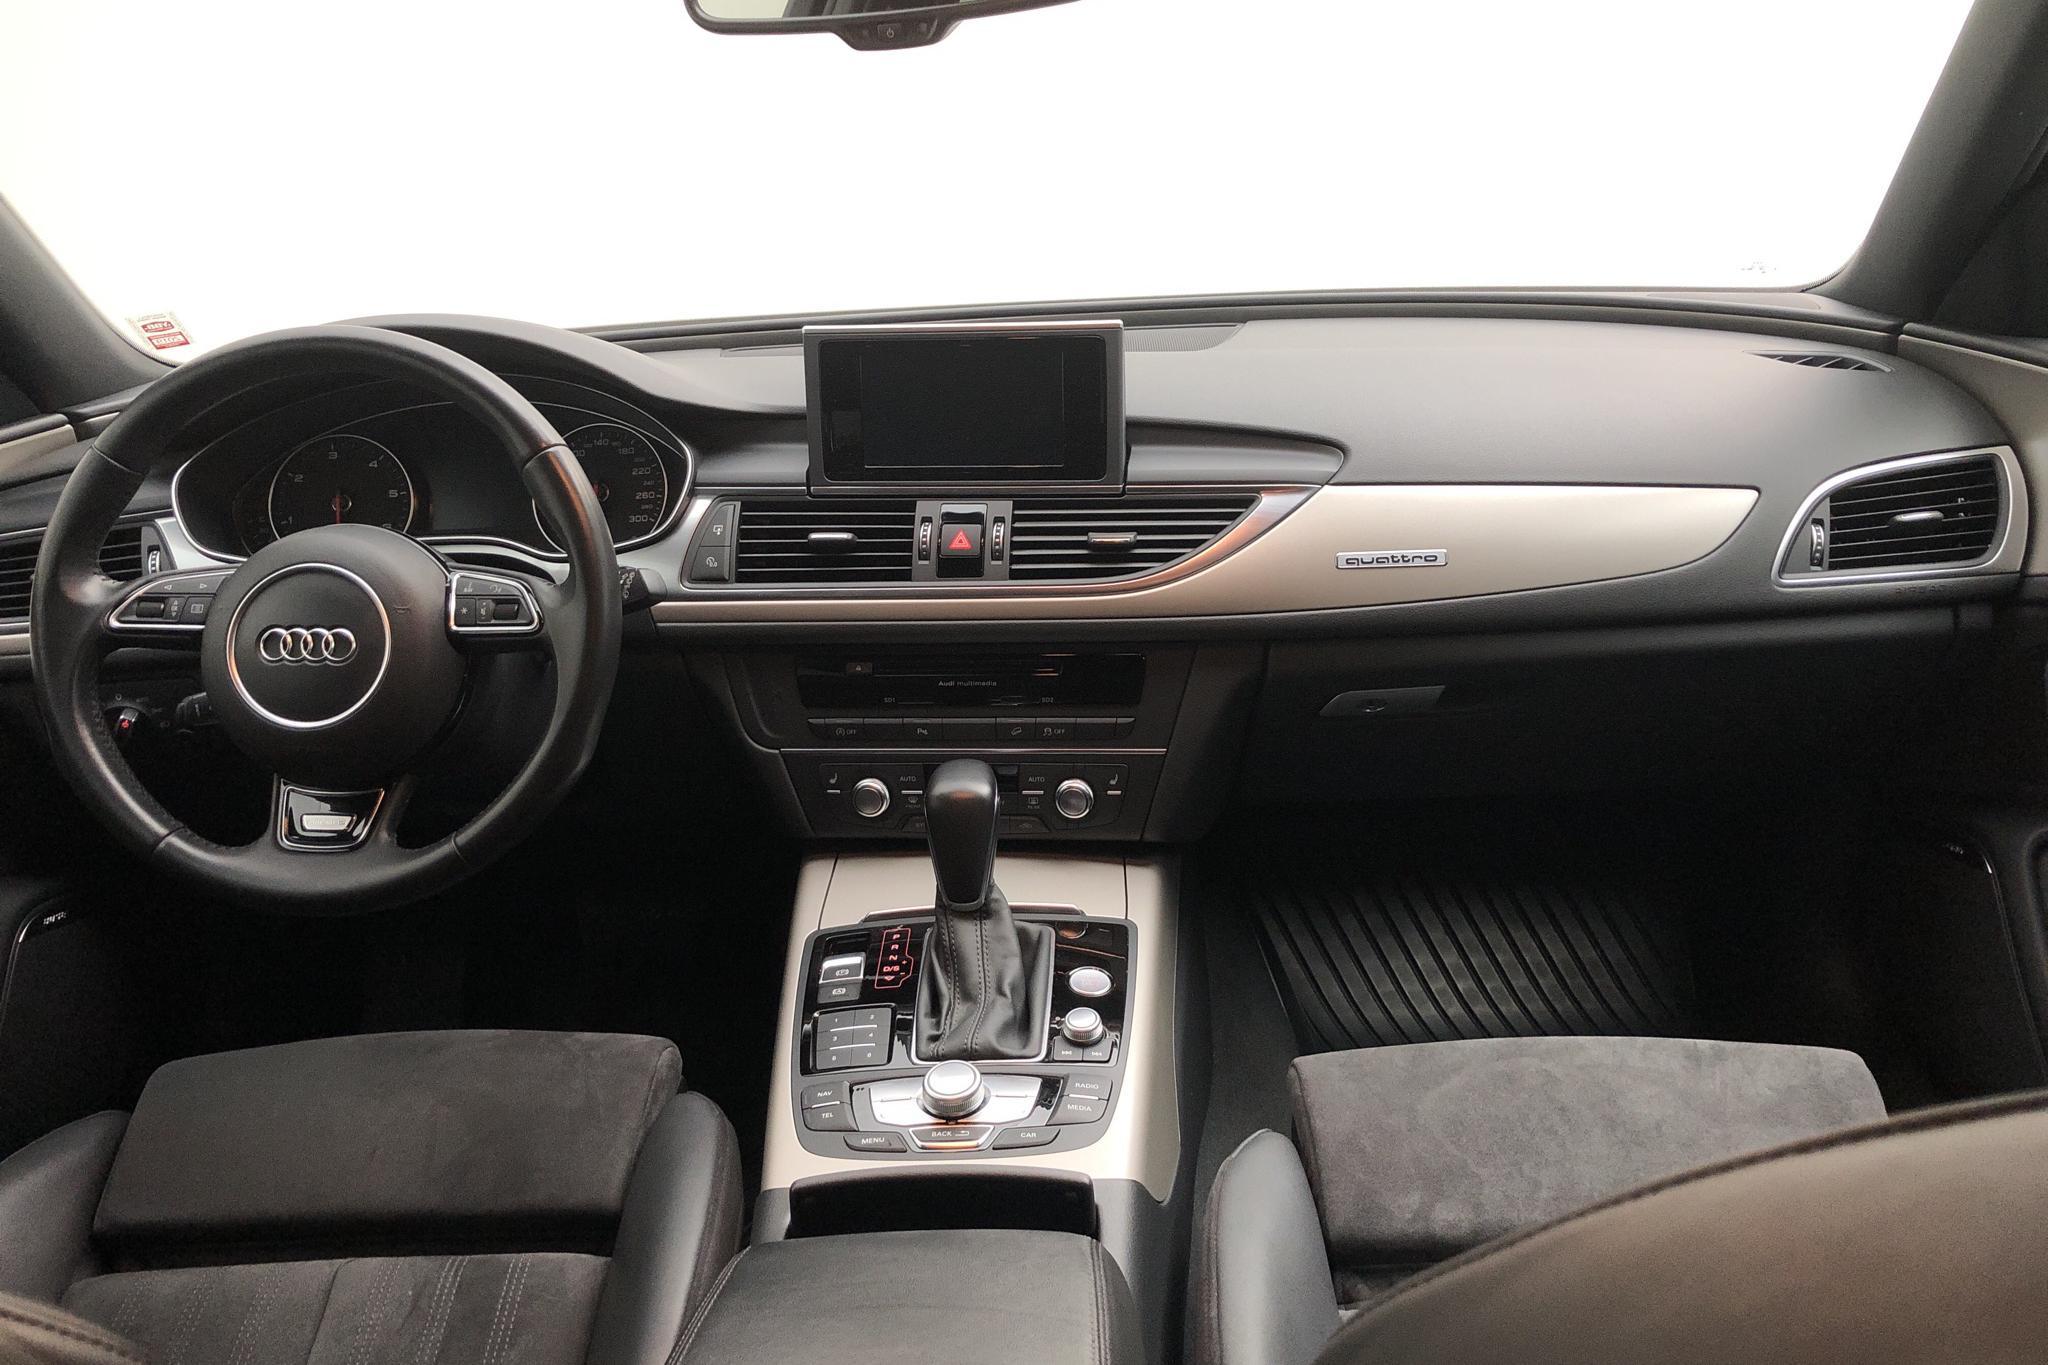 Audi A6 Allroad 3.0 TDI quattro (218hk) - 7 448 mil - Automat - silver - 2016